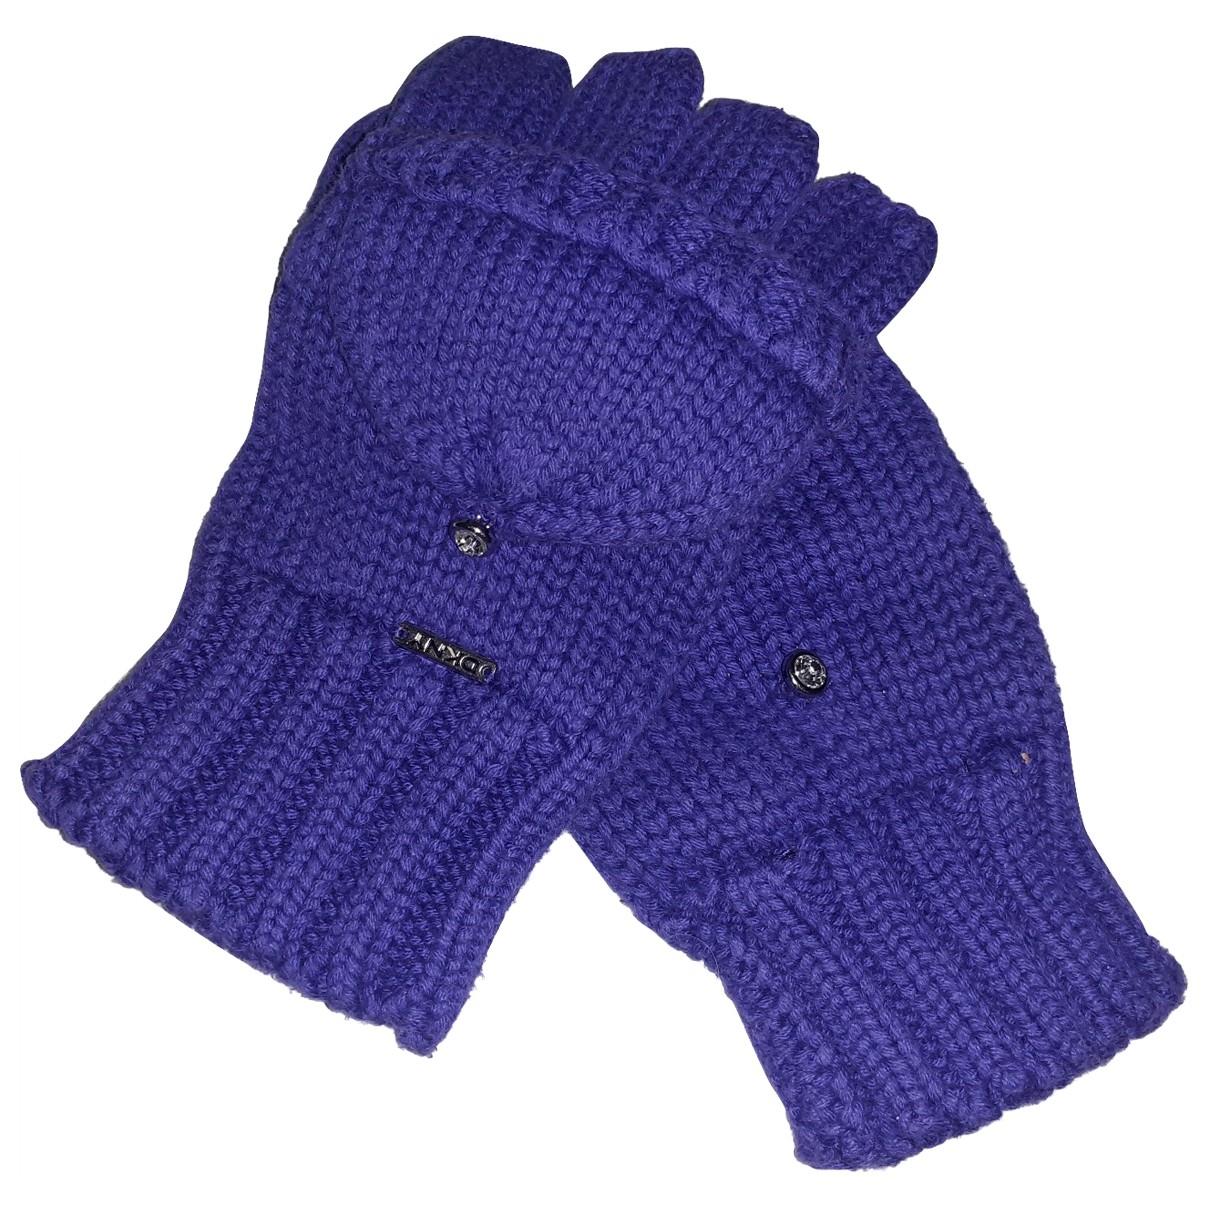 Dkny - Gants   pour femme en laine - violet